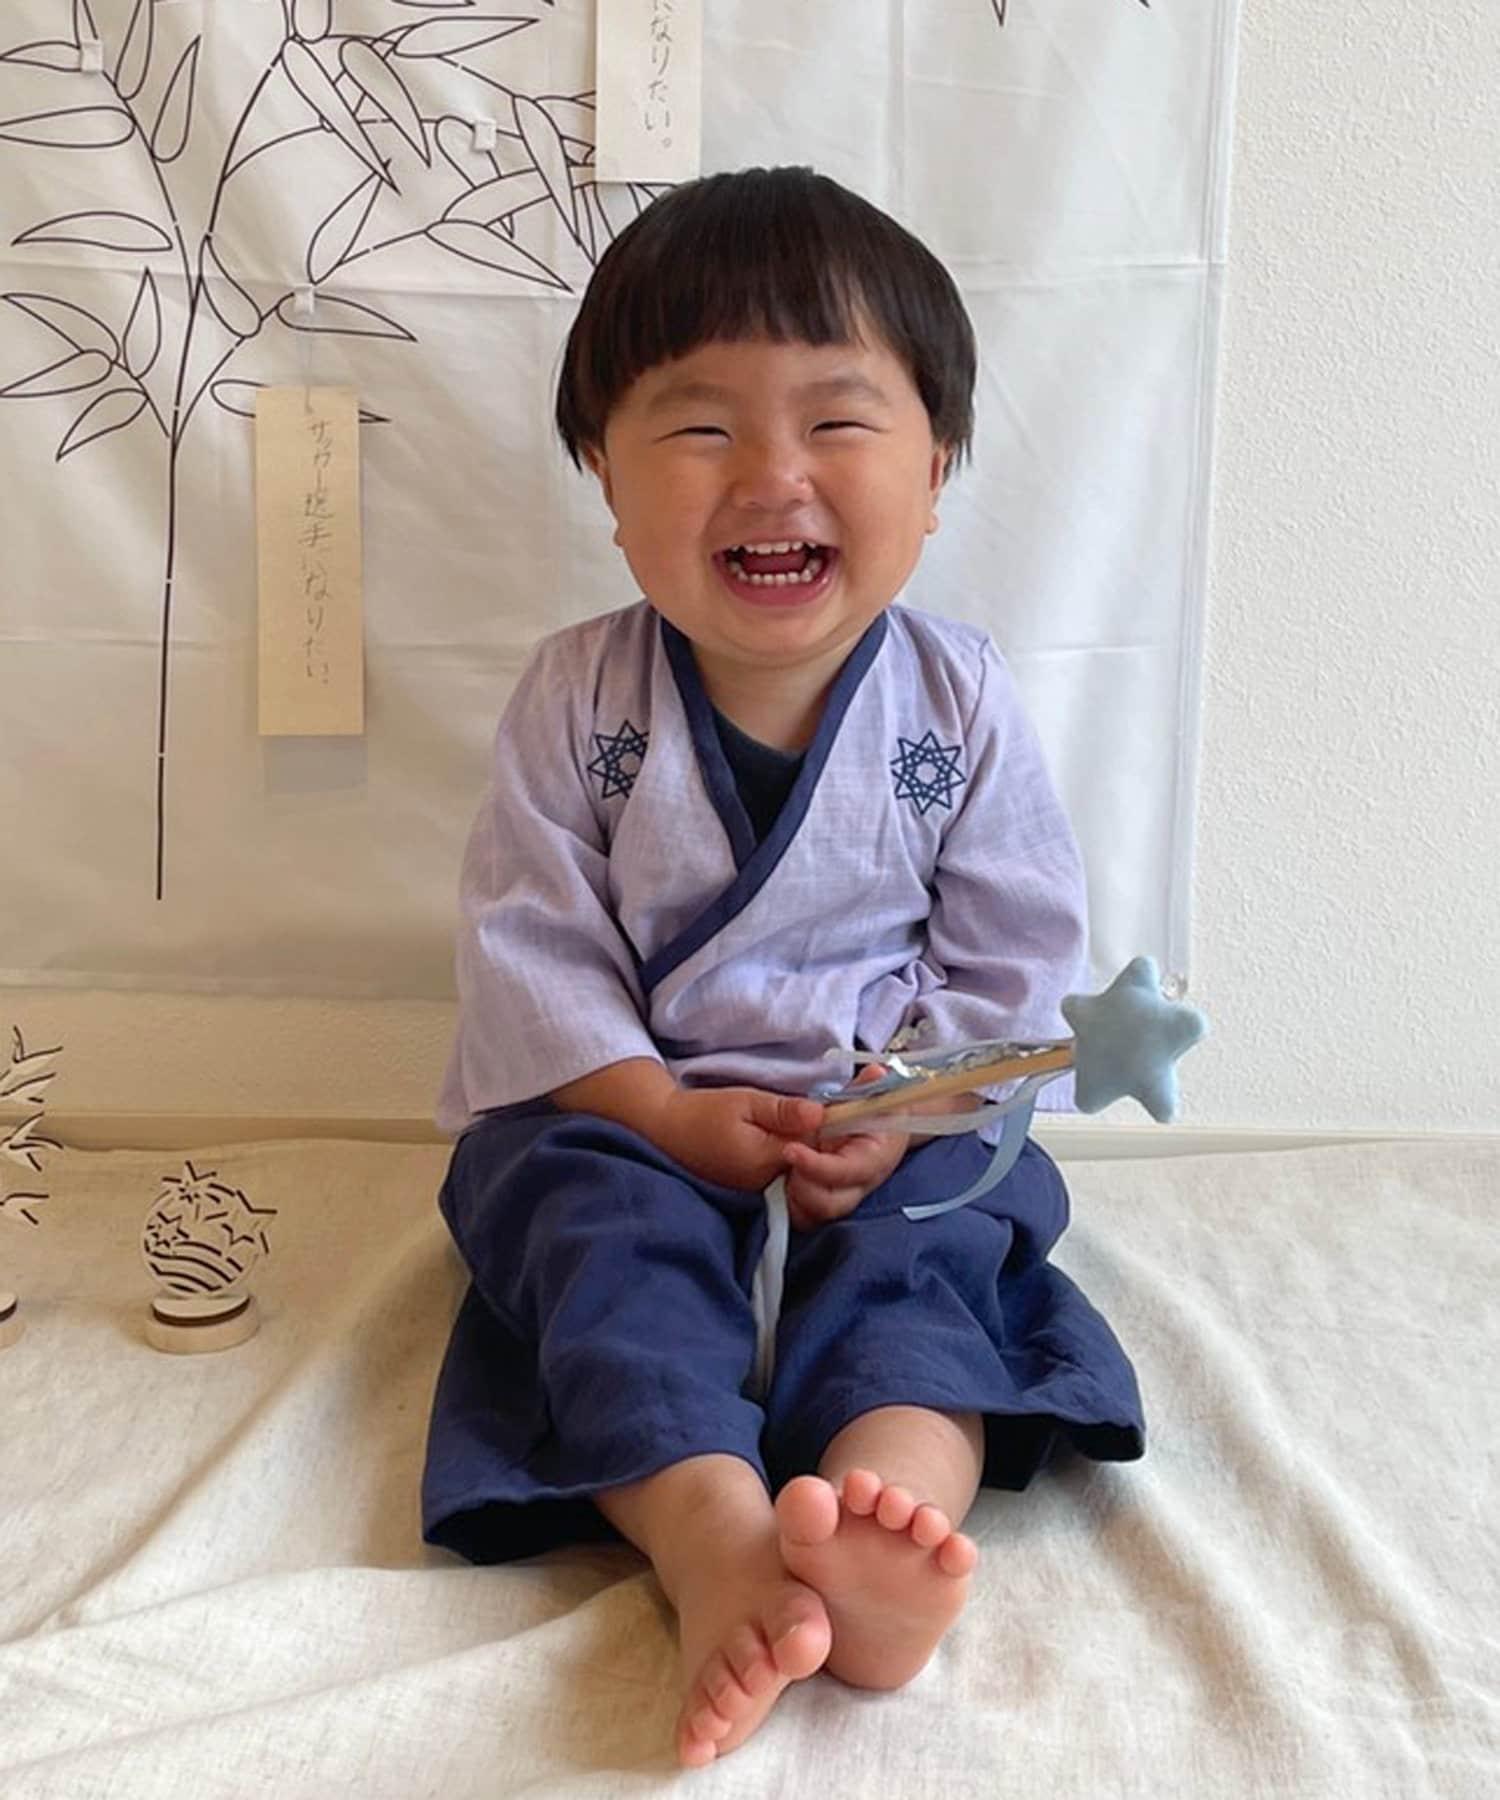 3COINS(スリーコインズ) 【七夕をおうちフォトで楽しもう】袴セット